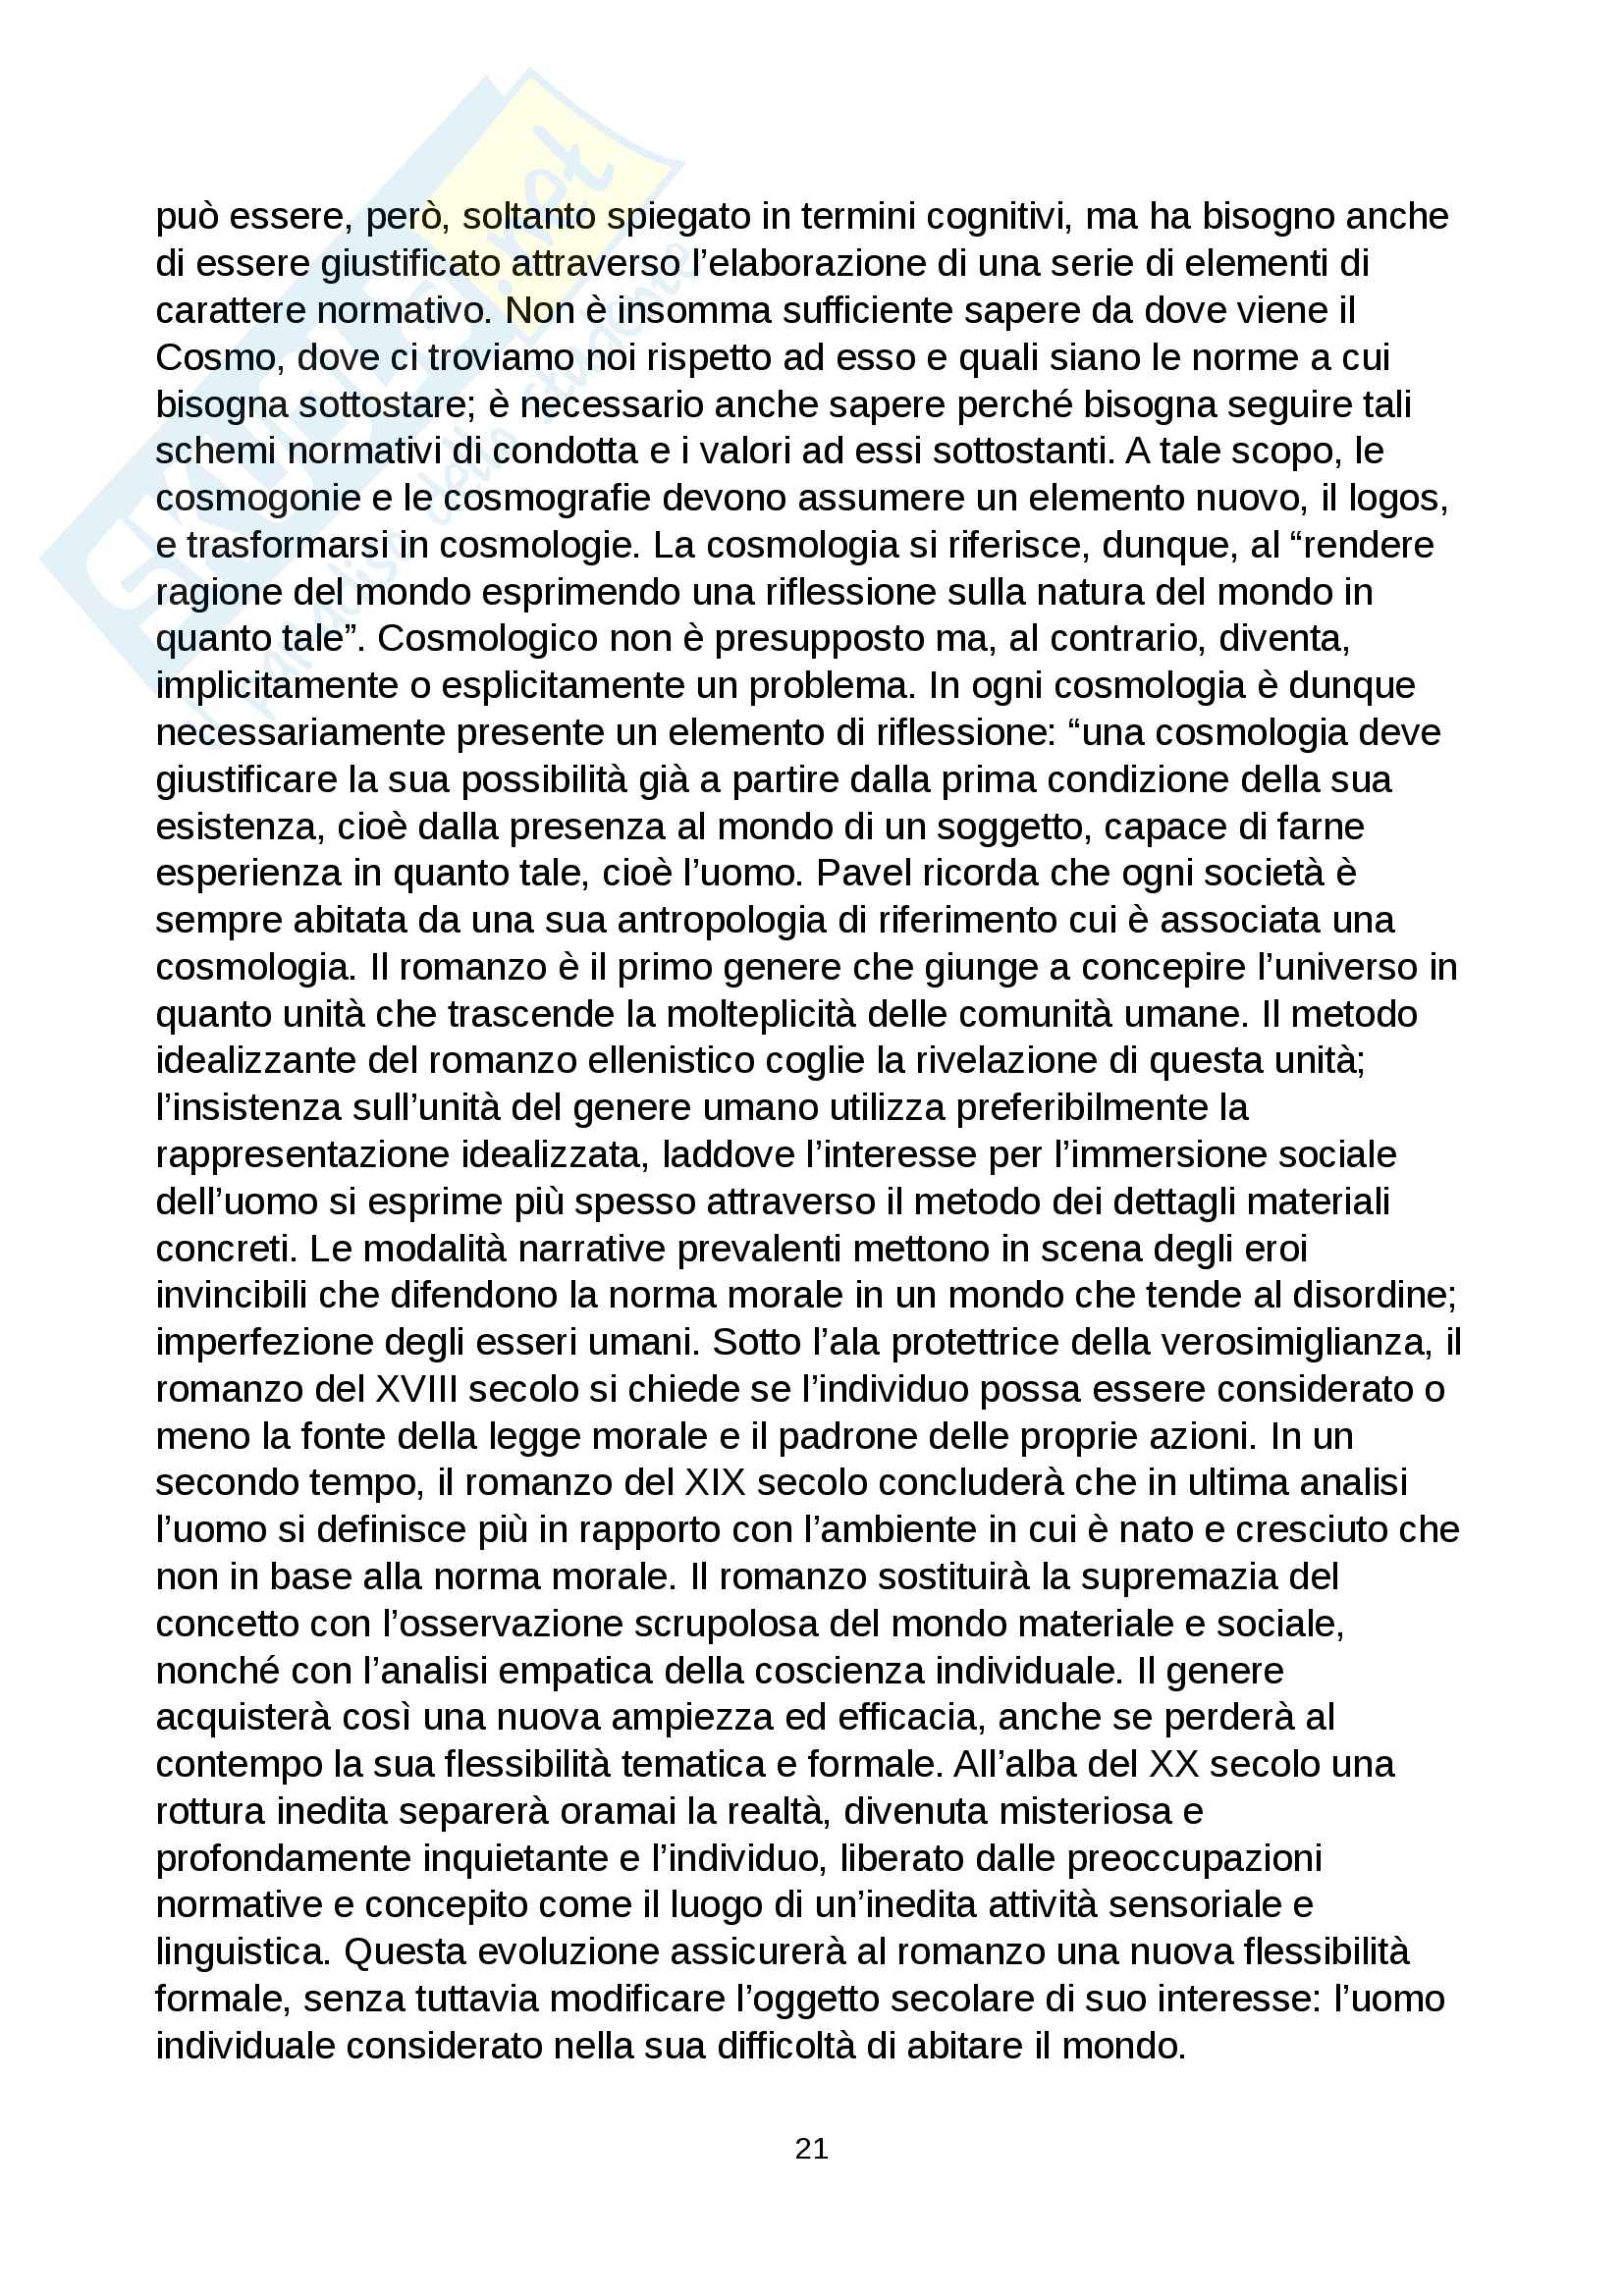 Riassunto esame Comunicazione e processi culturali, prof. Pecchinenda Gianfranco, libro consigliato Il Sistema Mimetico, Gianfranco Pecchinenda Pag. 21